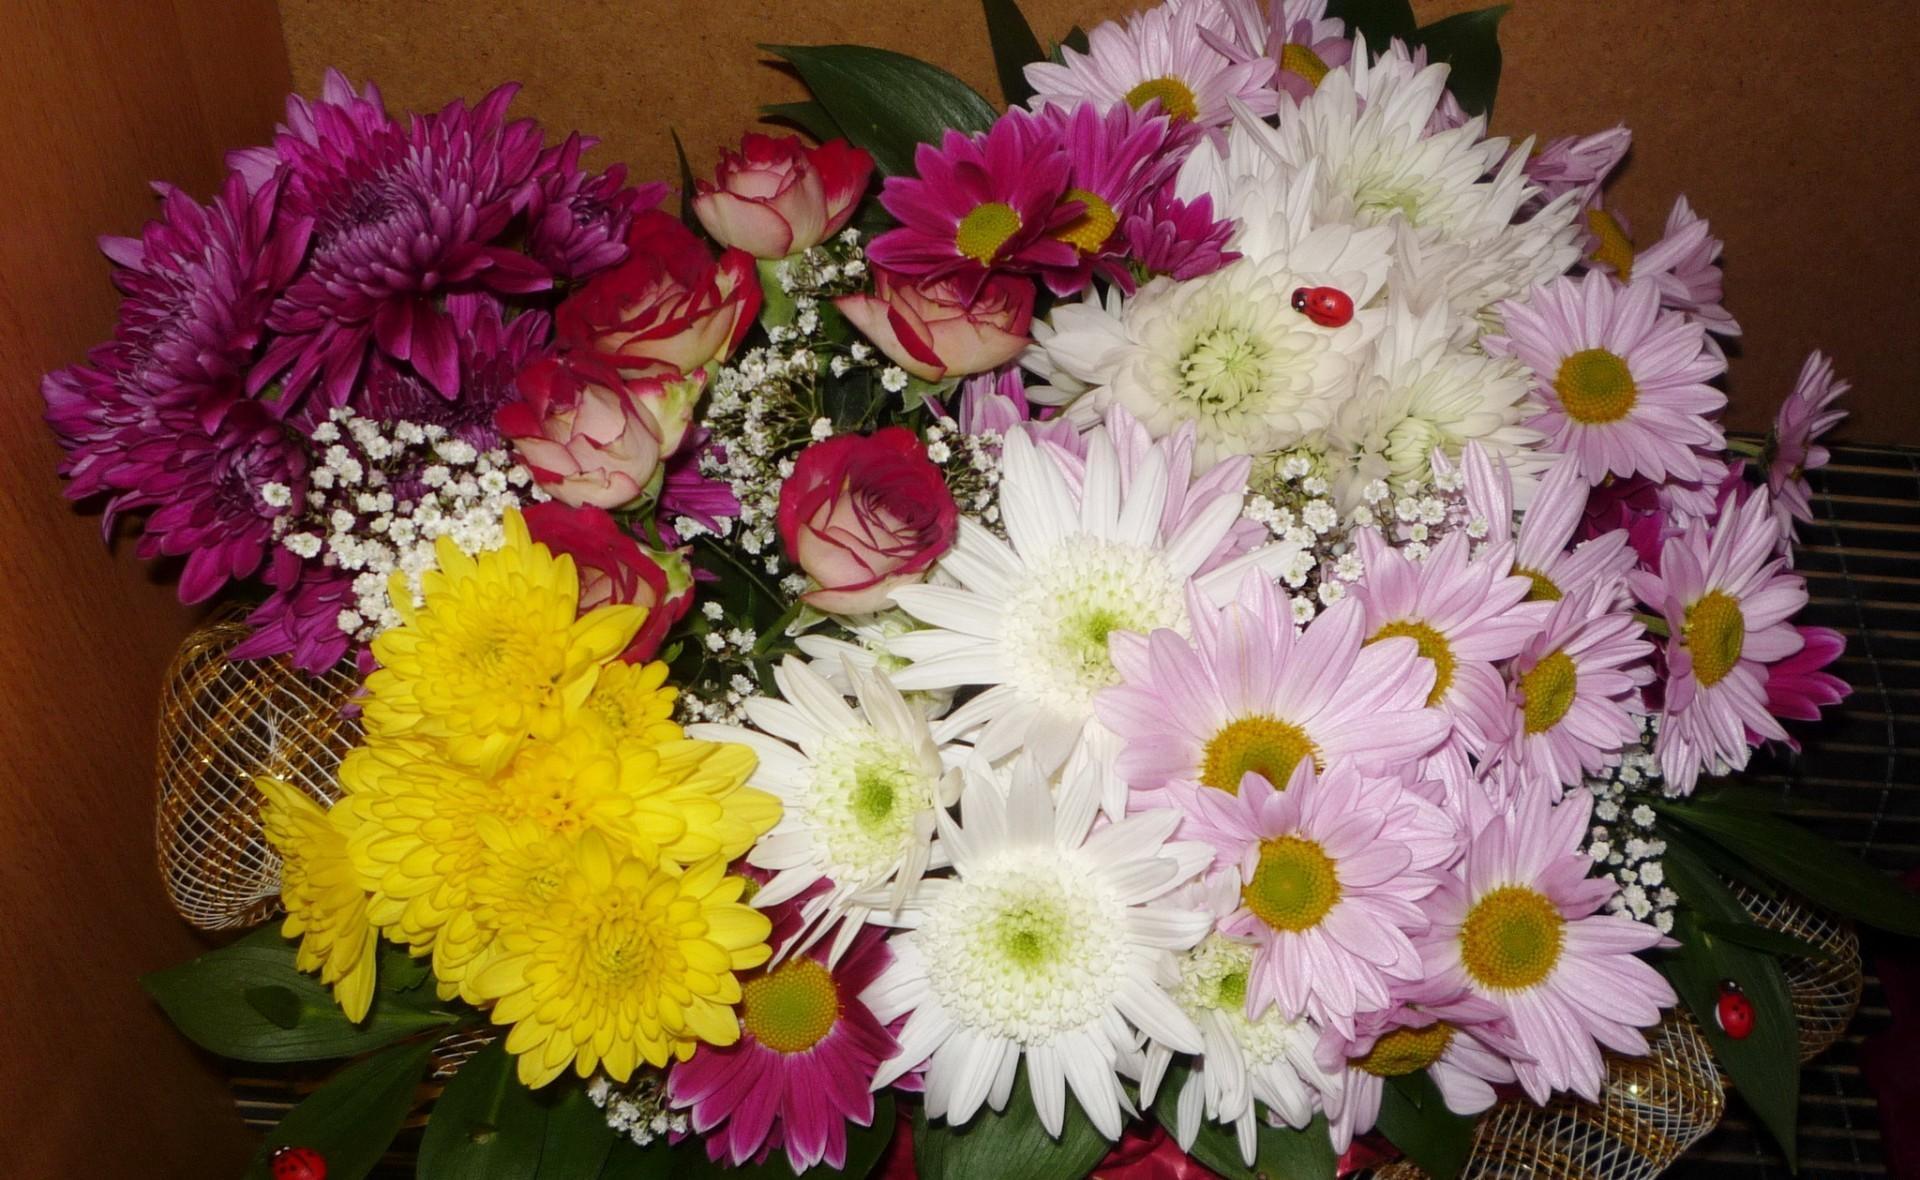 137217 скачать обои Хризантемы, Цветы, Розы, Божьи Коровки, Оформление, Букет - заставки и картинки бесплатно